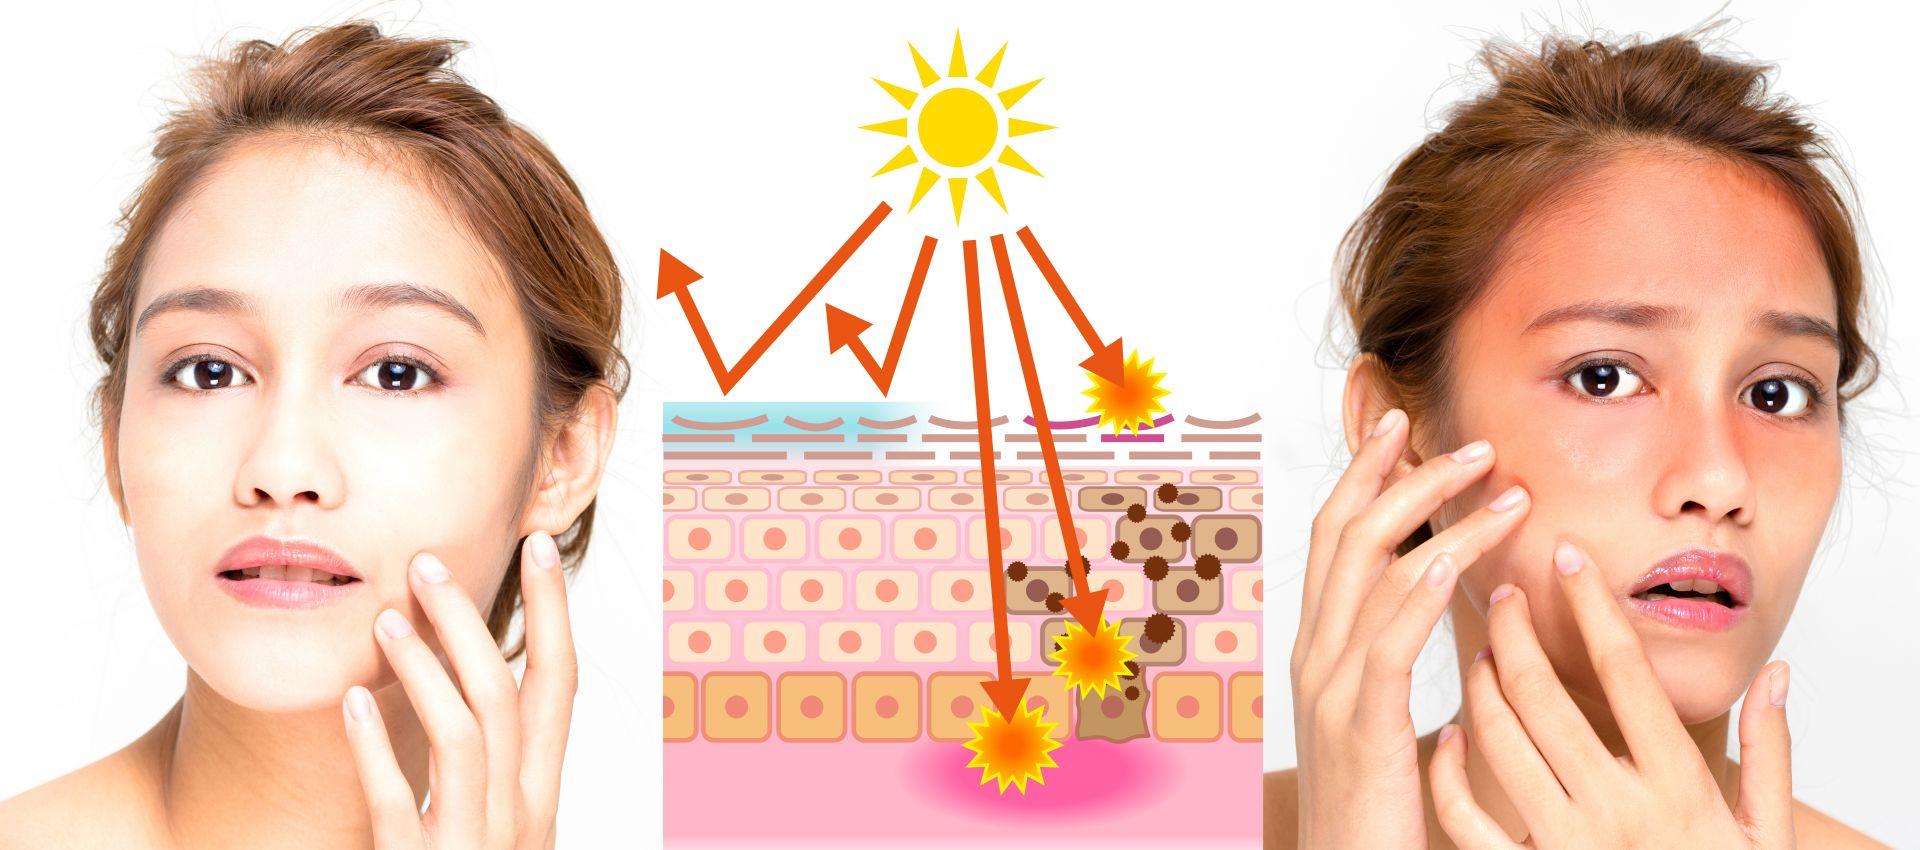 太陽一曬皮膚就發癢、起紅疹 你也是「光敏感」一族嗎?